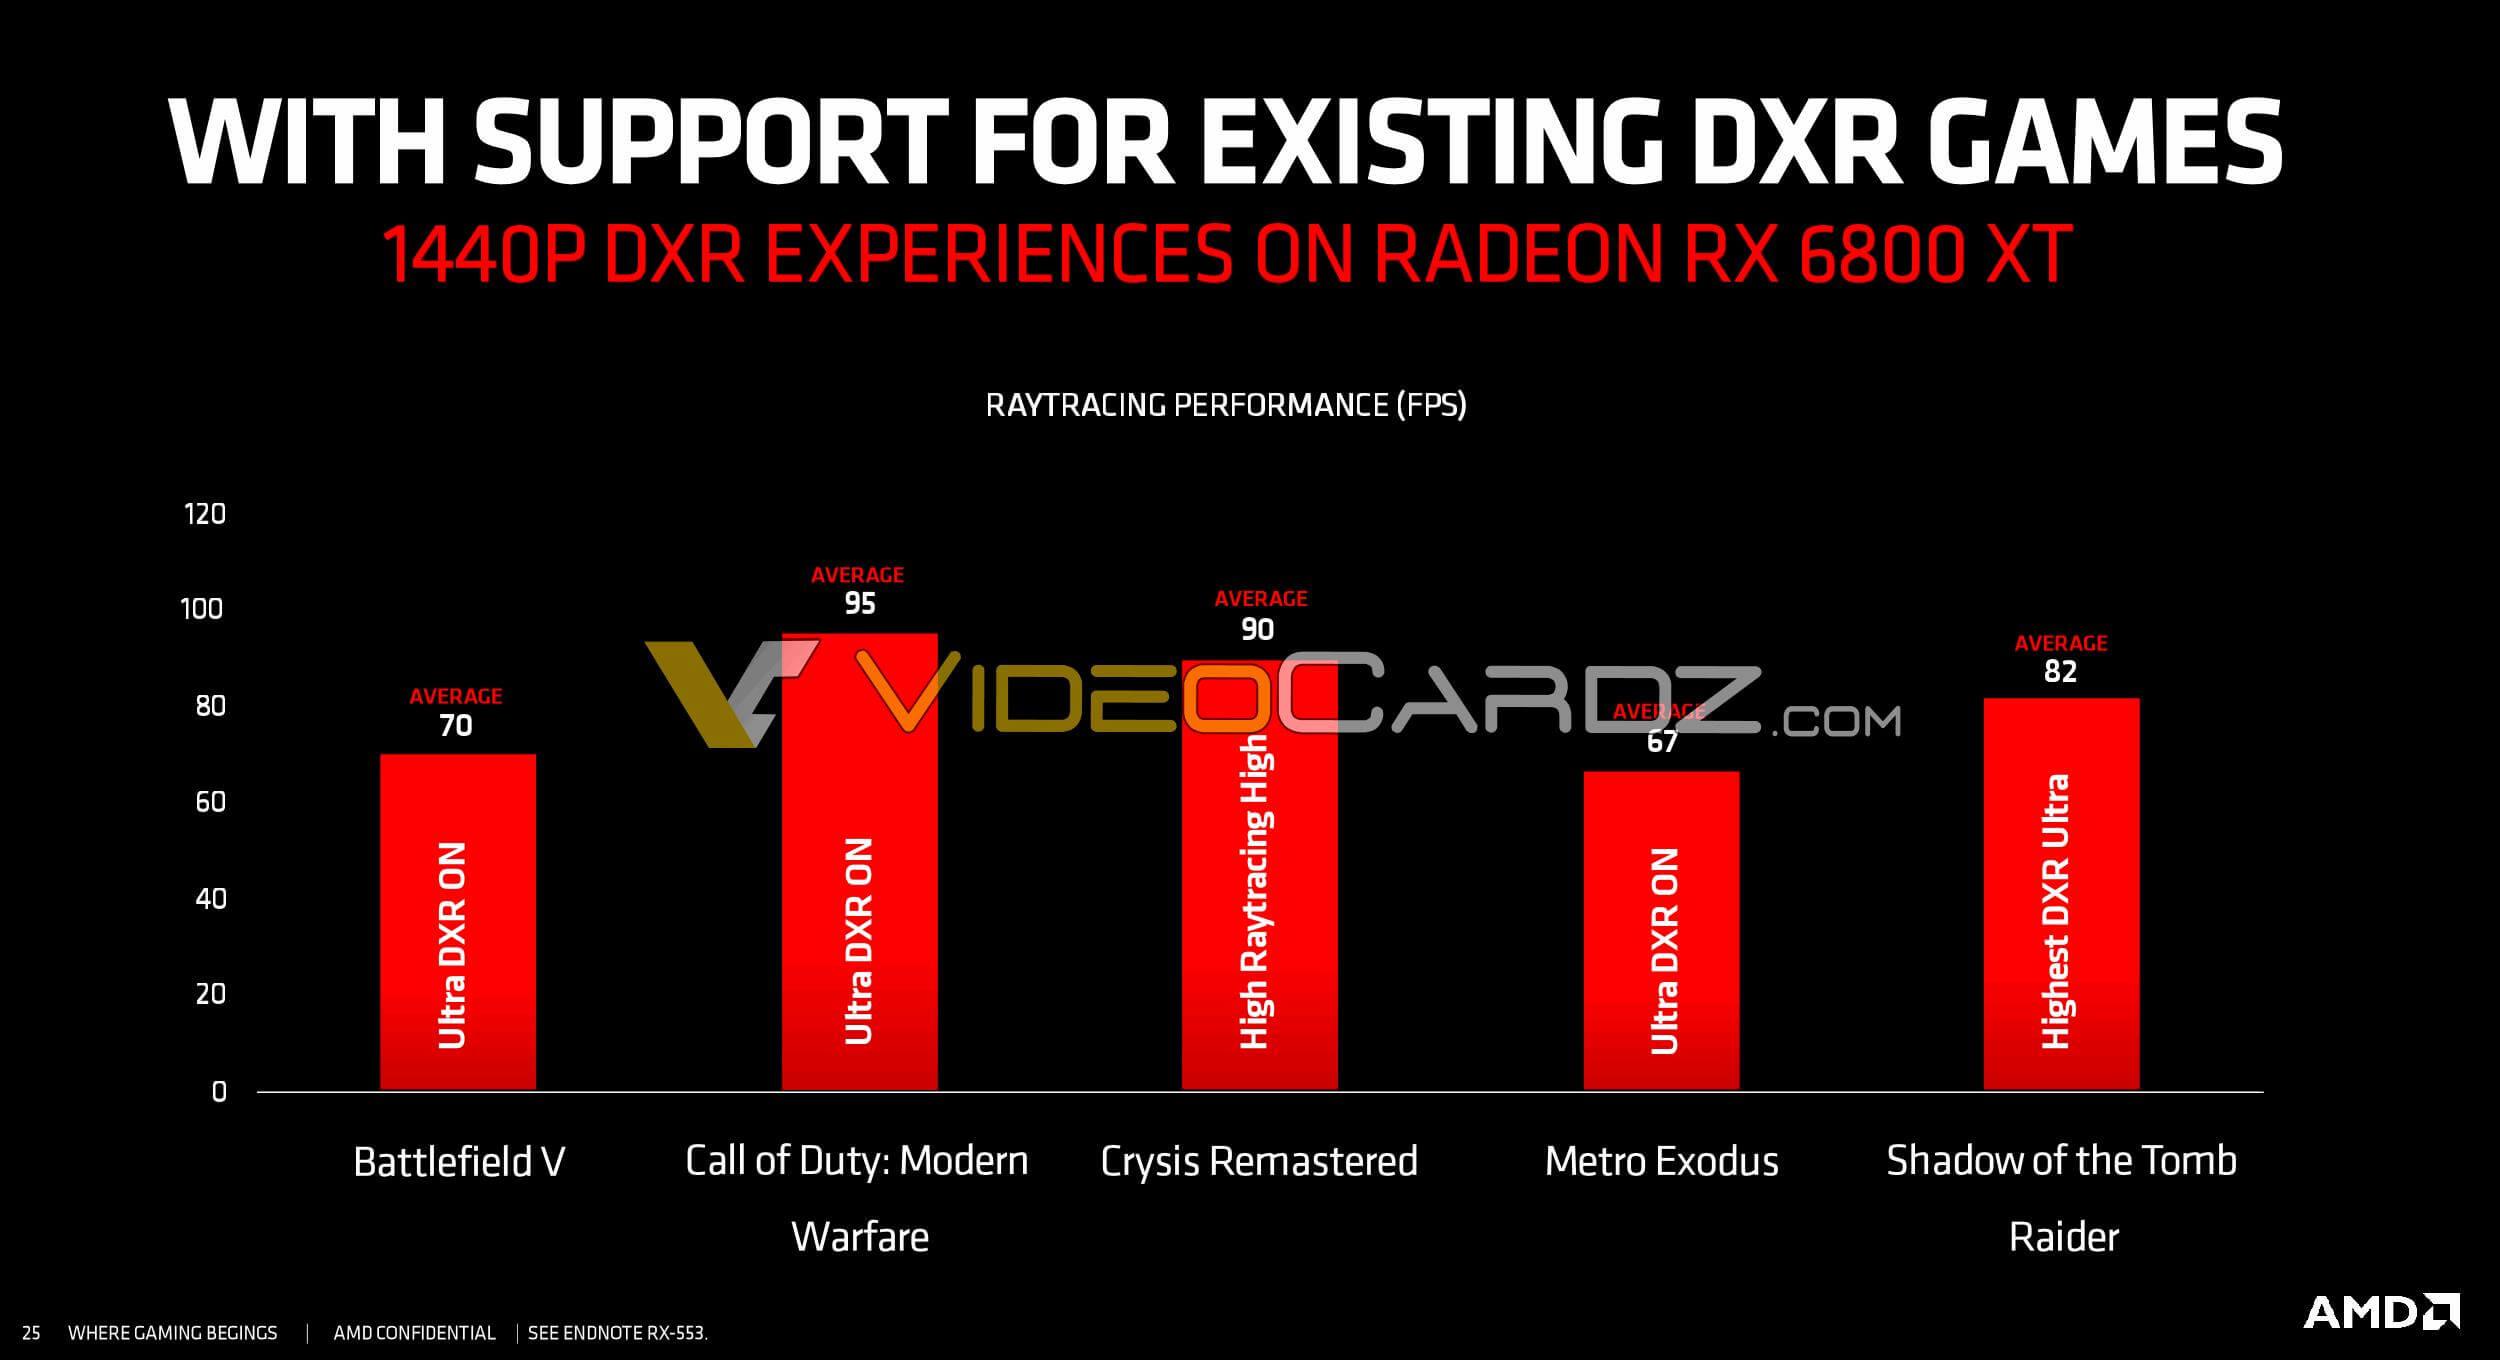 официальные игровые тесты AMD Radeon RX 6800